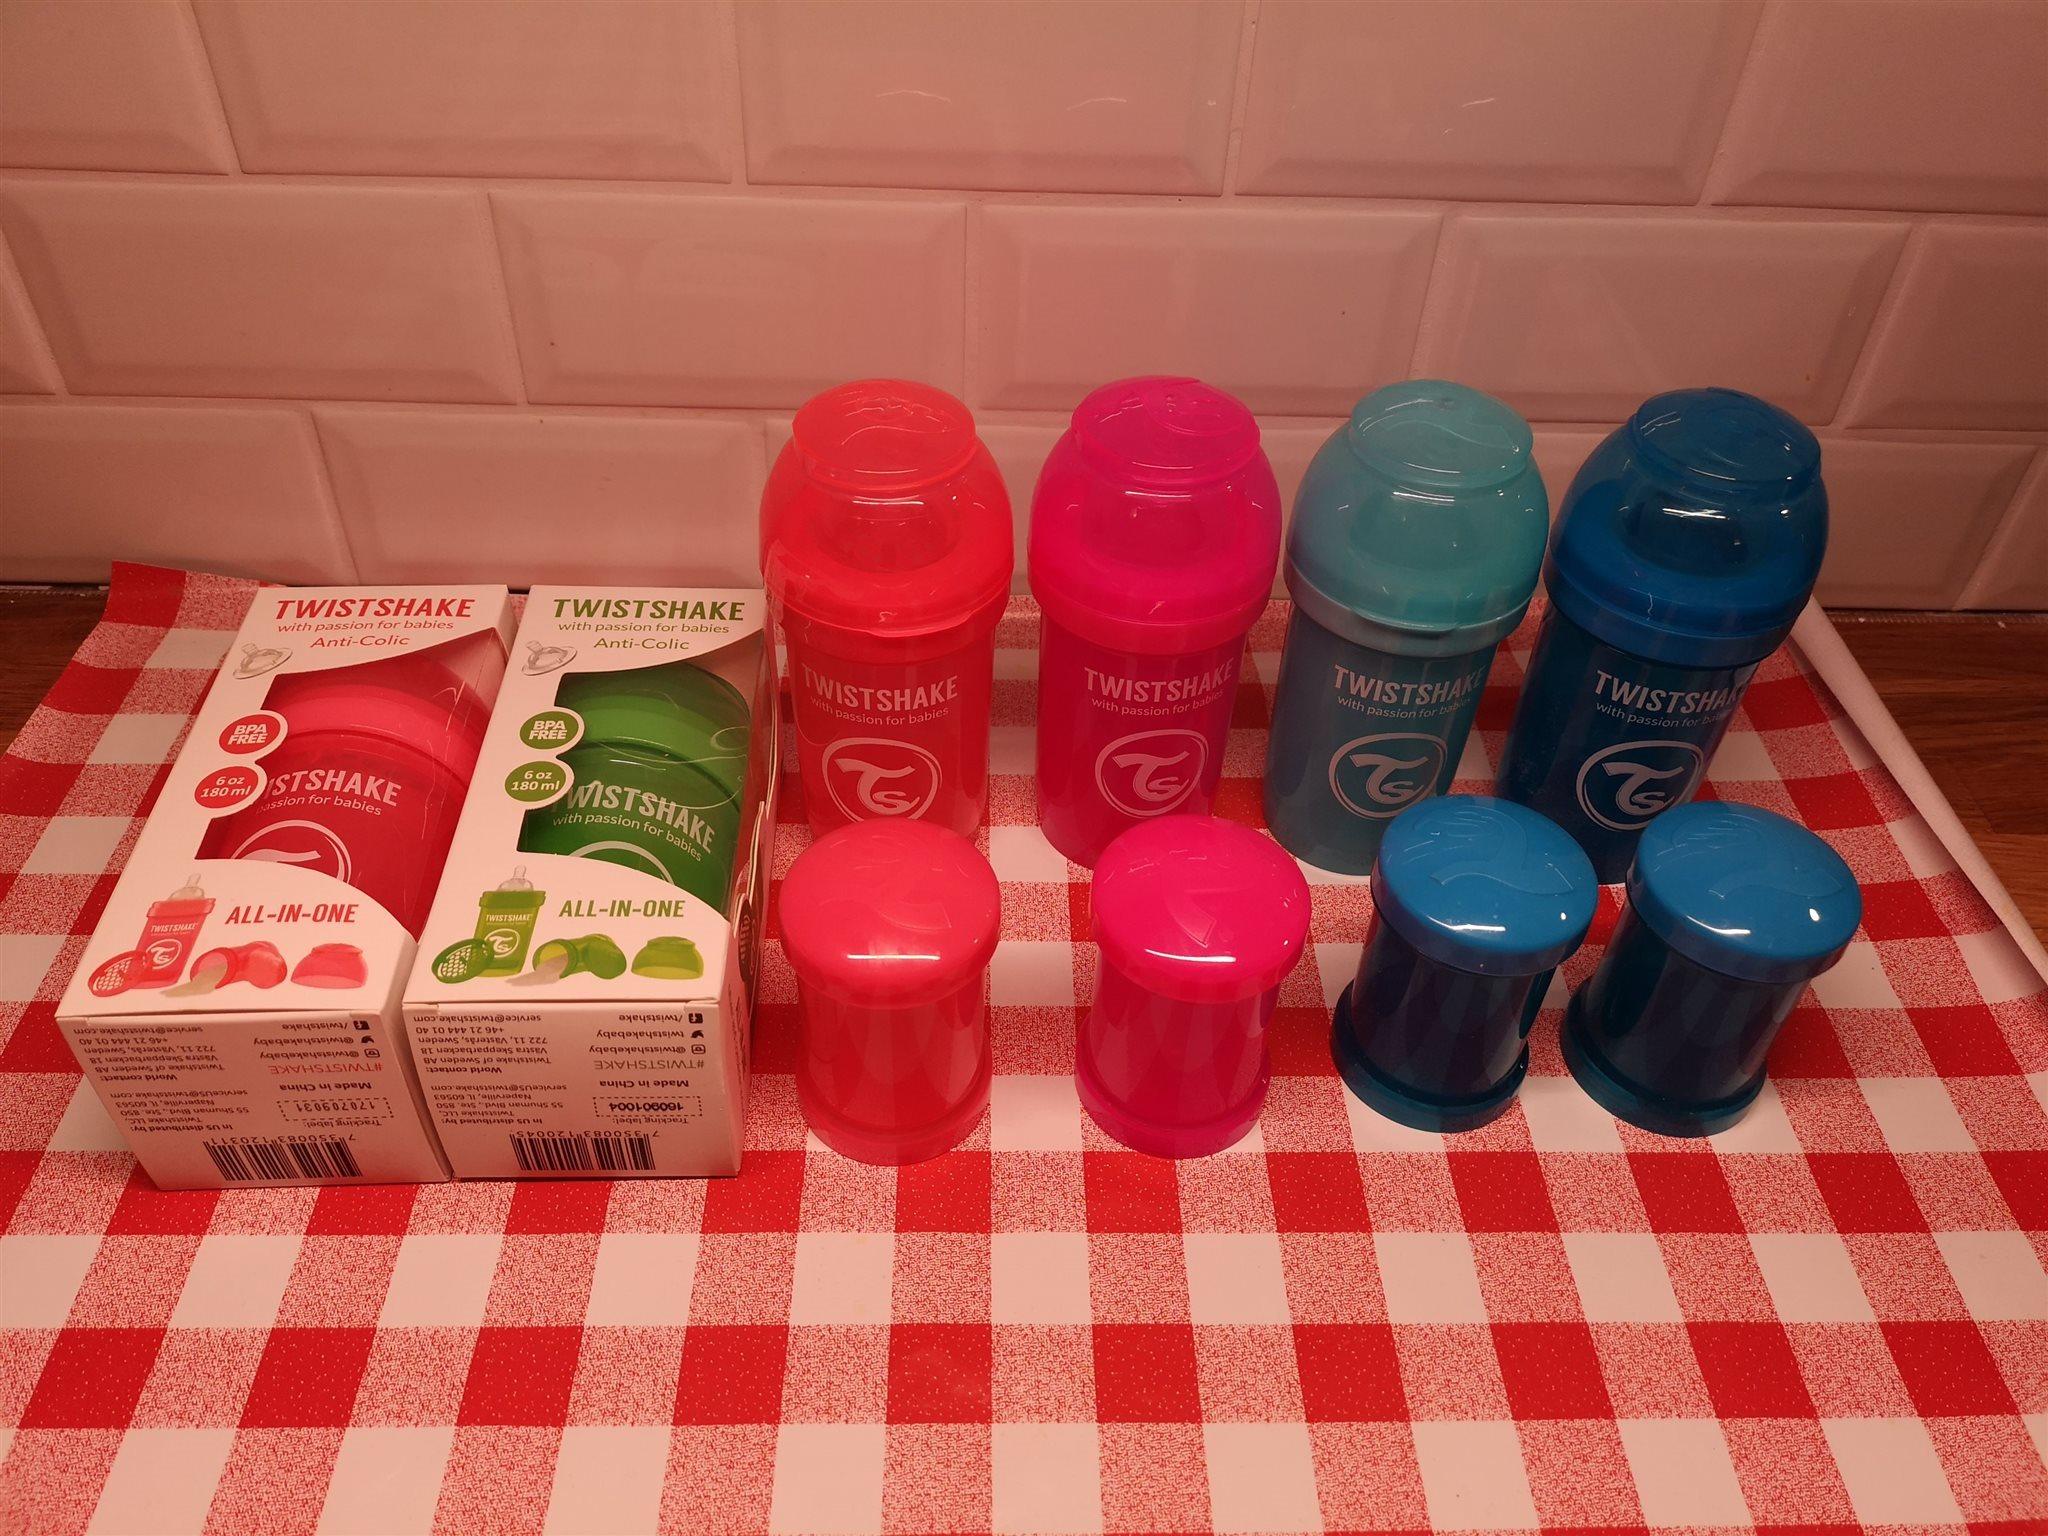 Twistshake flaskor